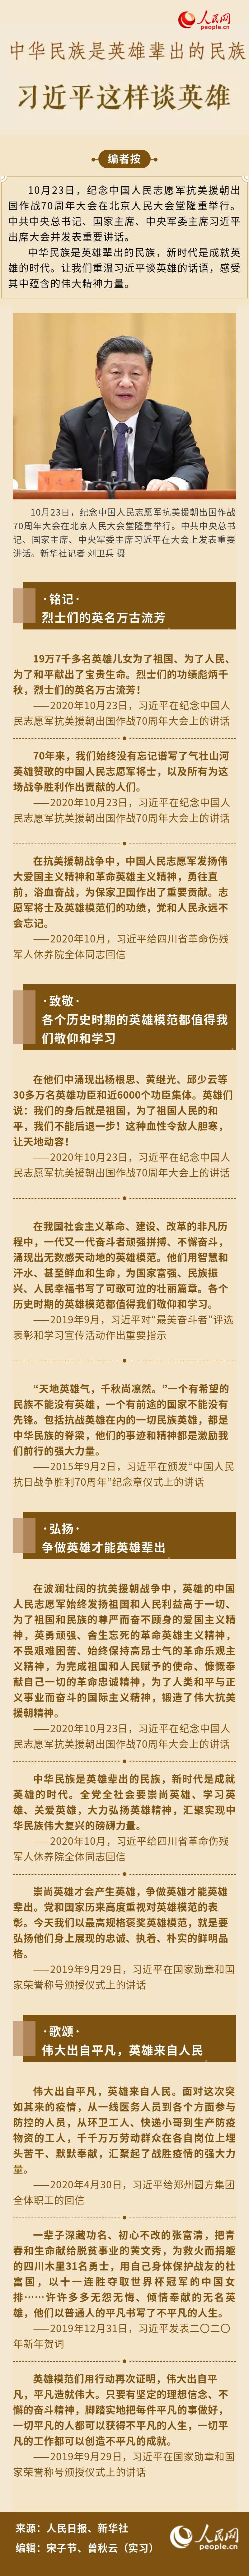 《学习有方》 中华民族是英雄辈出的民族 习近平这样谈英雄